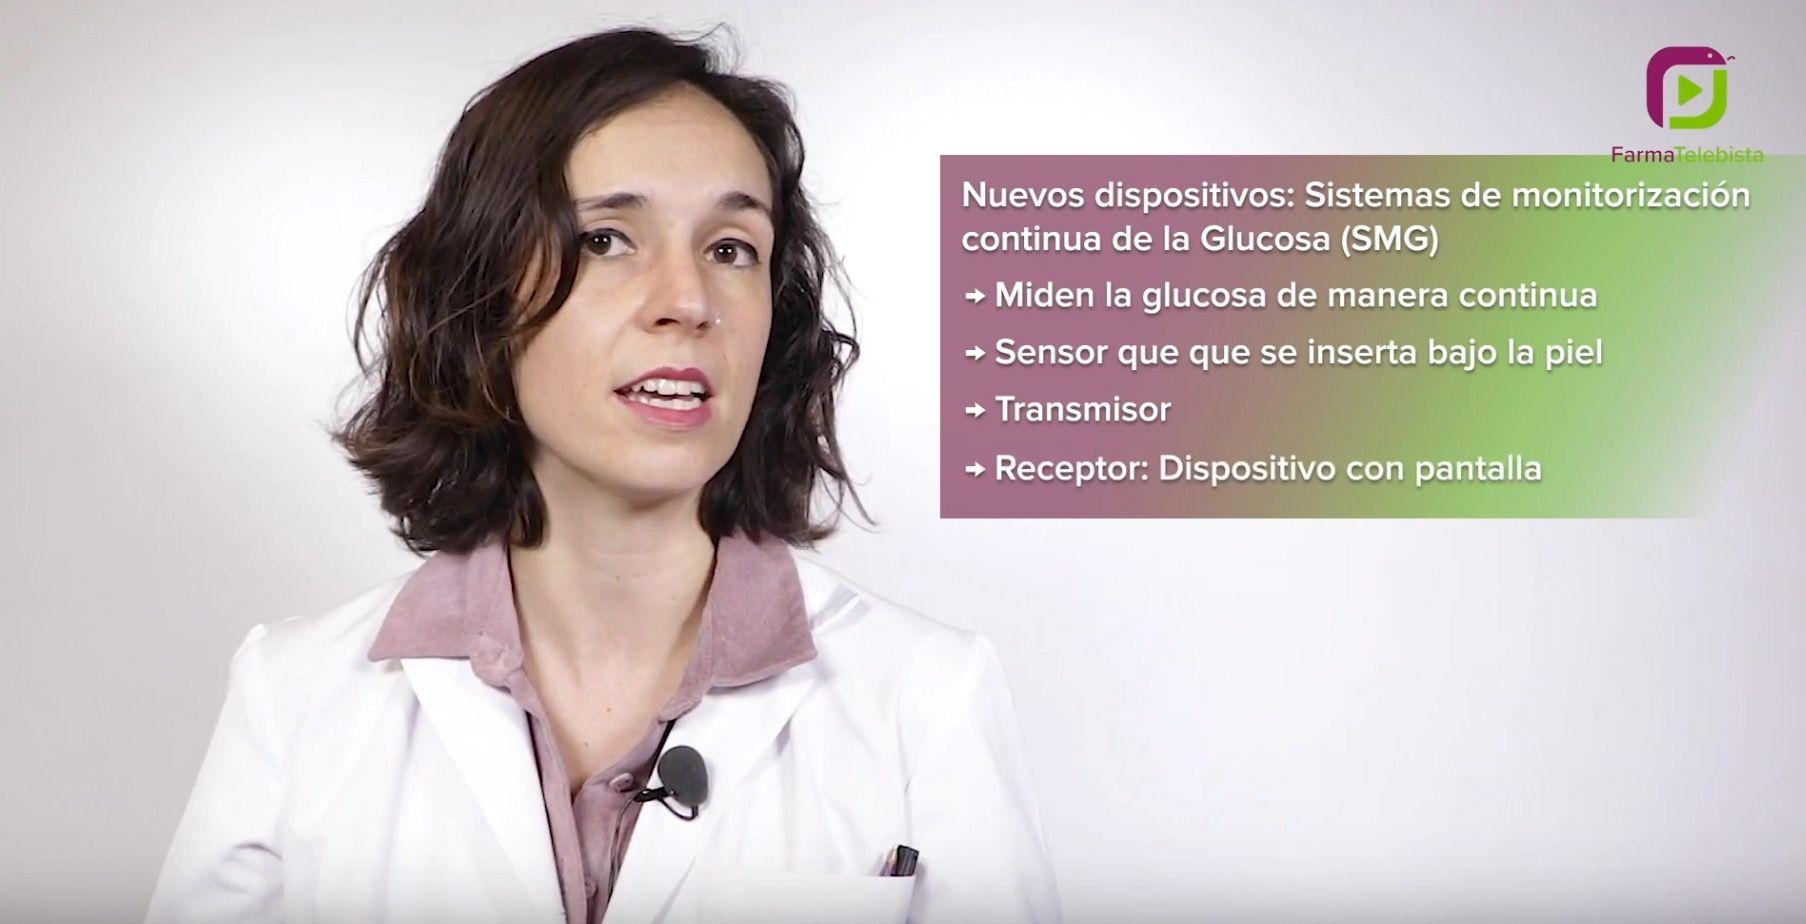 Fotografia Amaia Malet, farmacéutica del COFG, protagoniza el nuevo